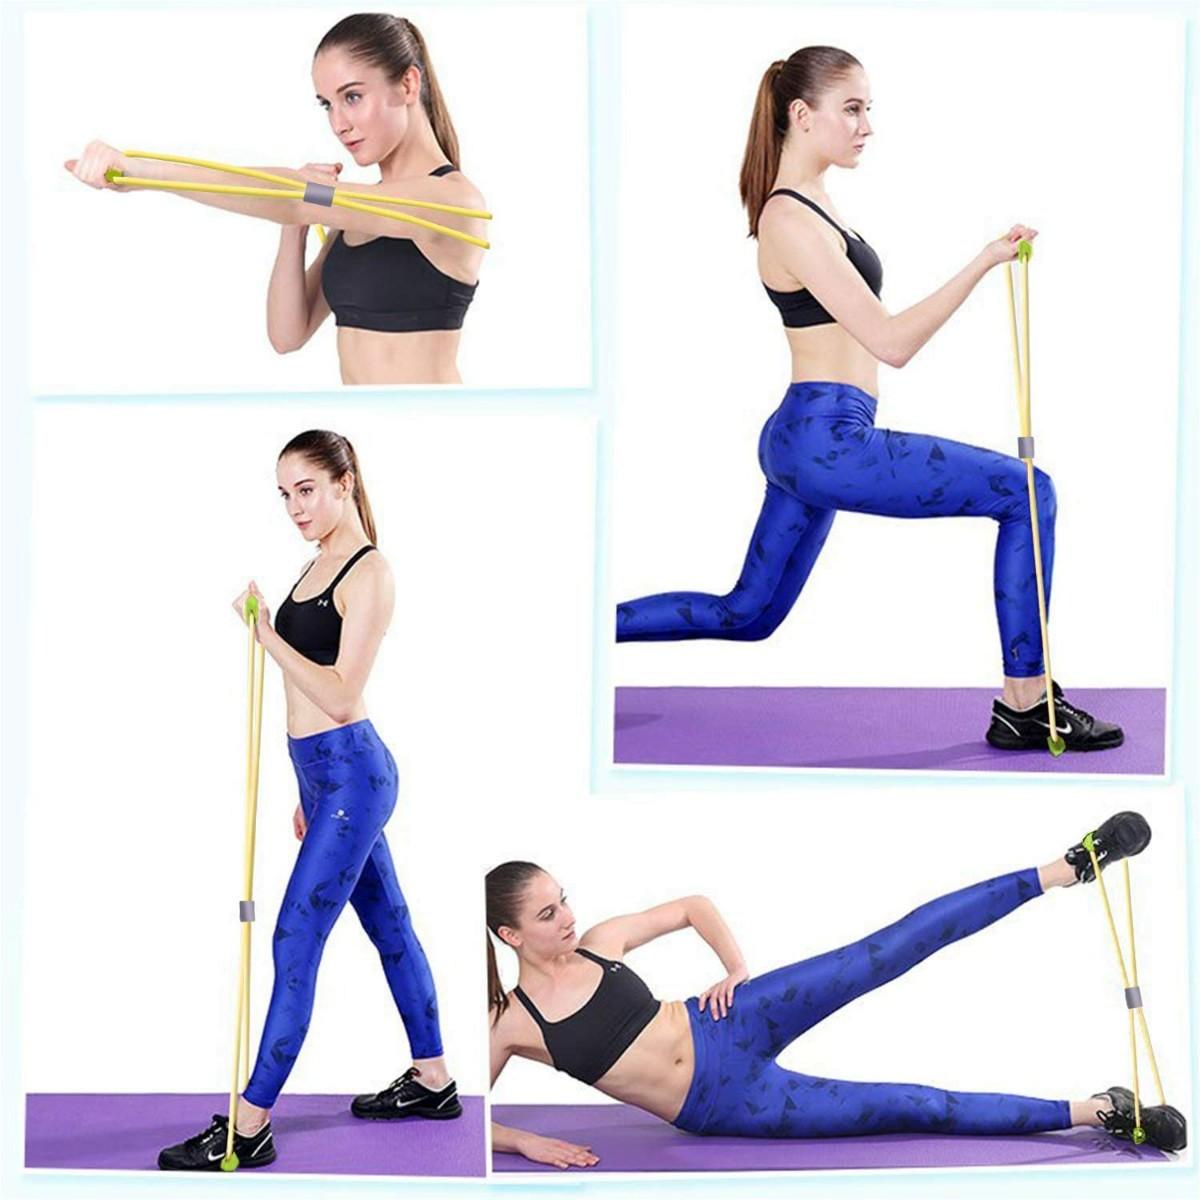 トレーニングチューブ 強度別6本セット筋力トレーニング 男女兼用 677